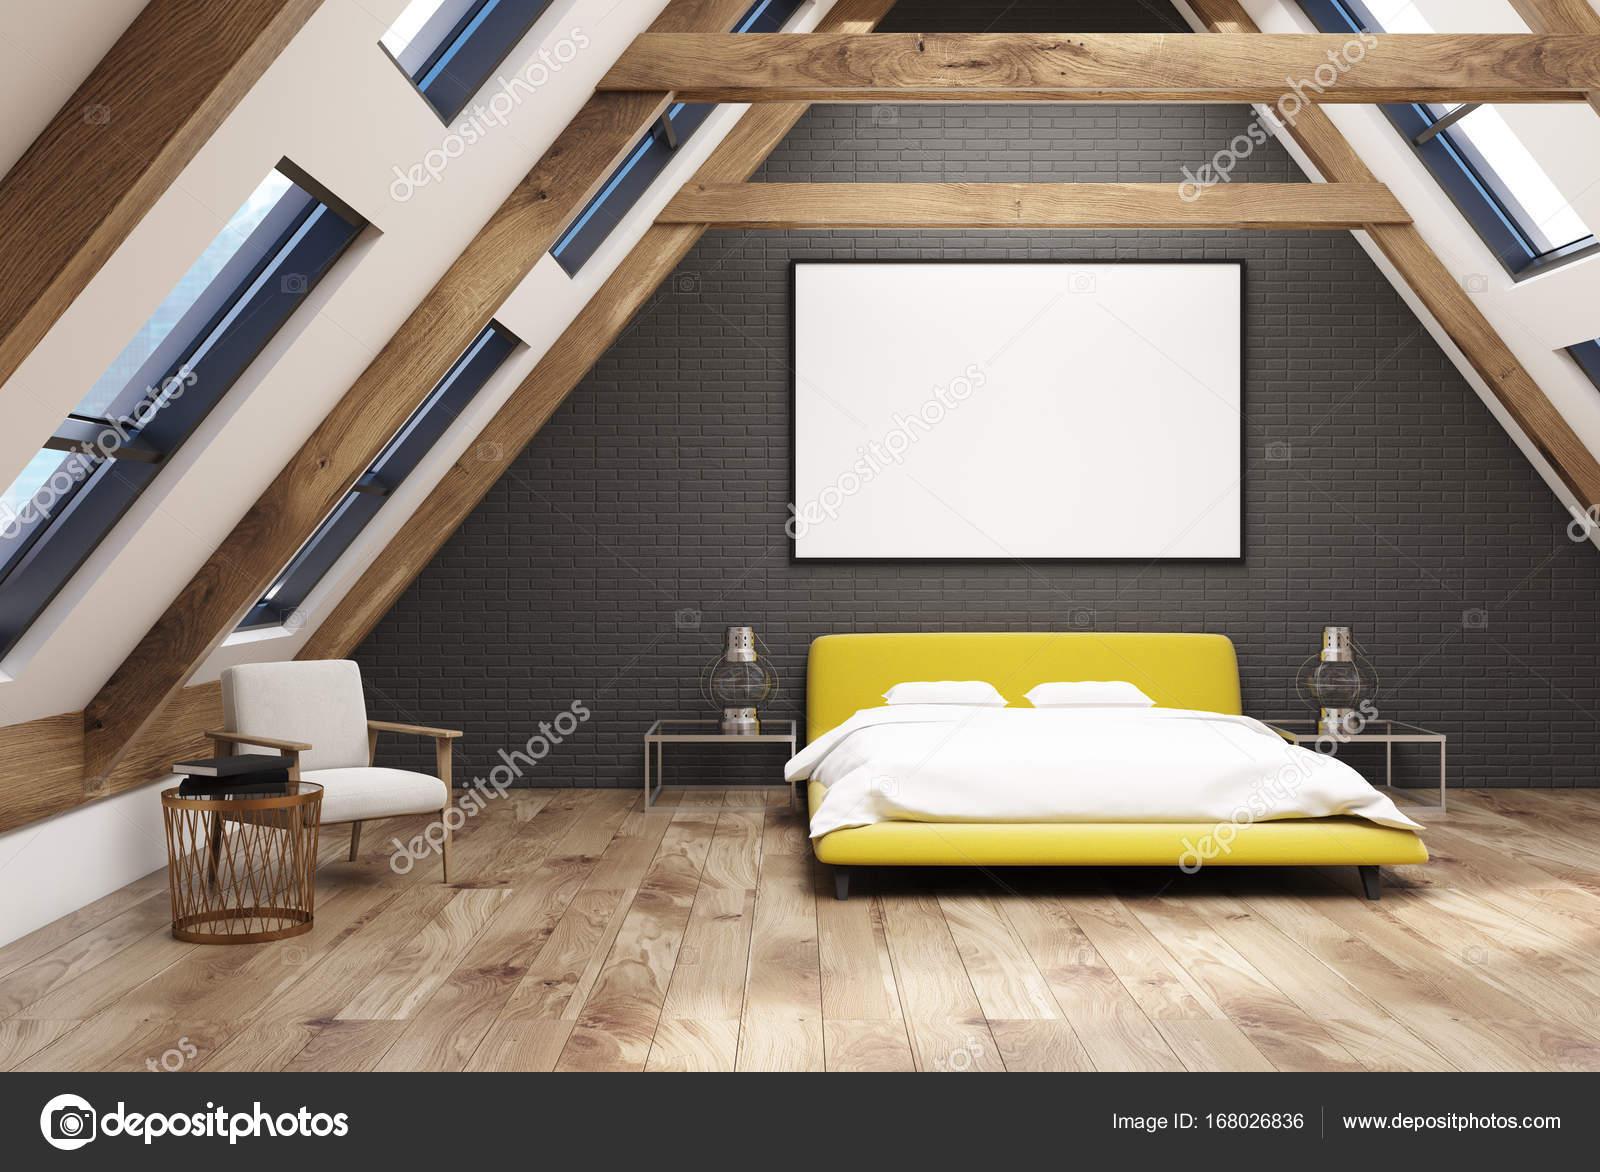 Inspirierend Dachboden Galerie Von Graue Schlafzimmer Innenraum Mit Einem Hölzernen Fußboden,